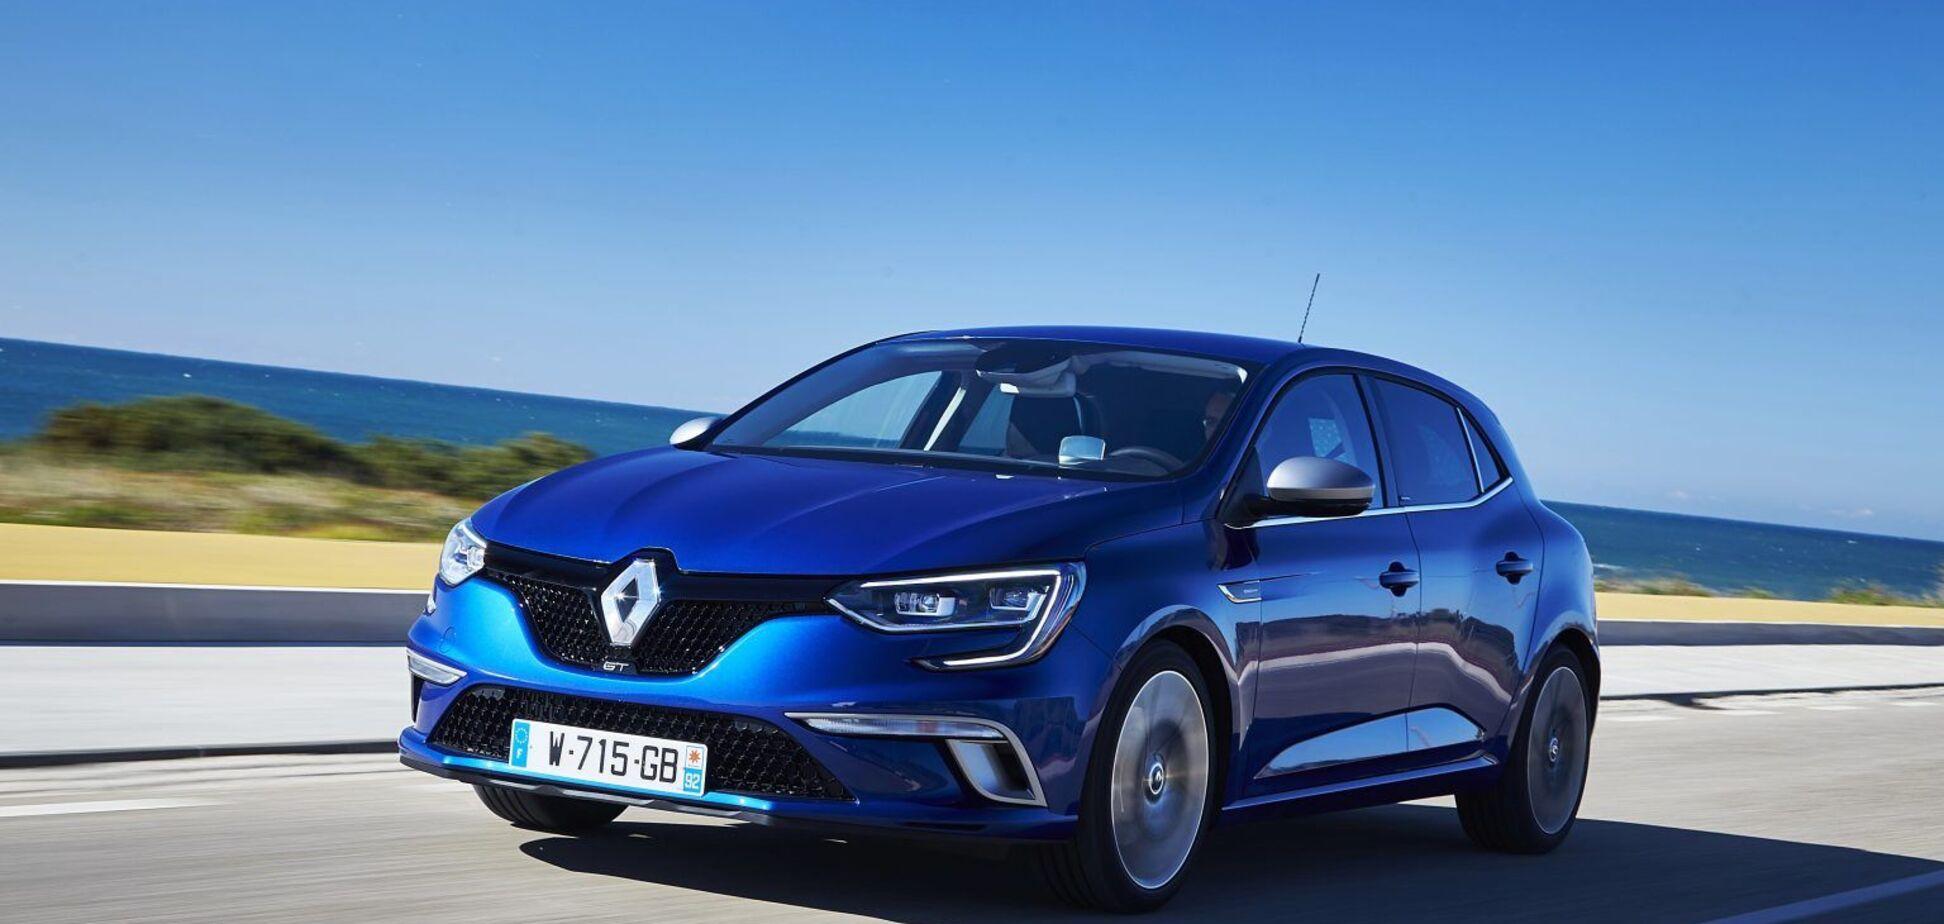 Автомобили Renault останутся без дизельных моторов